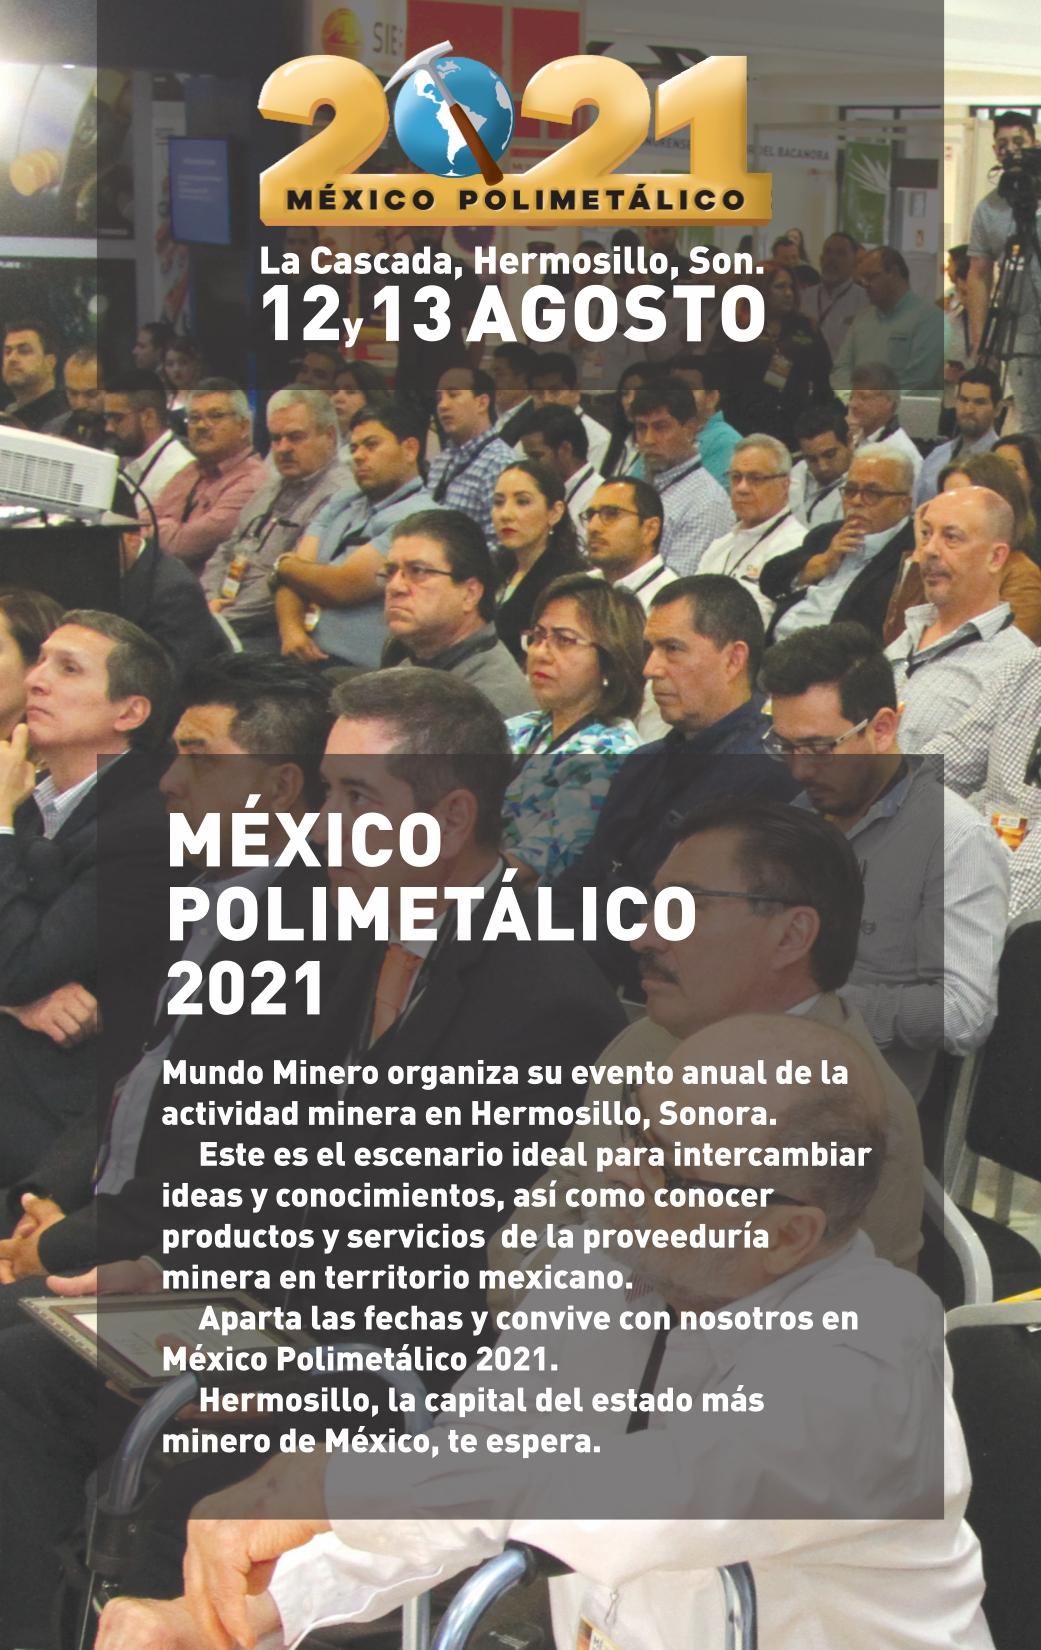 Mexico Polimetalico Ed. 2021_page-0002